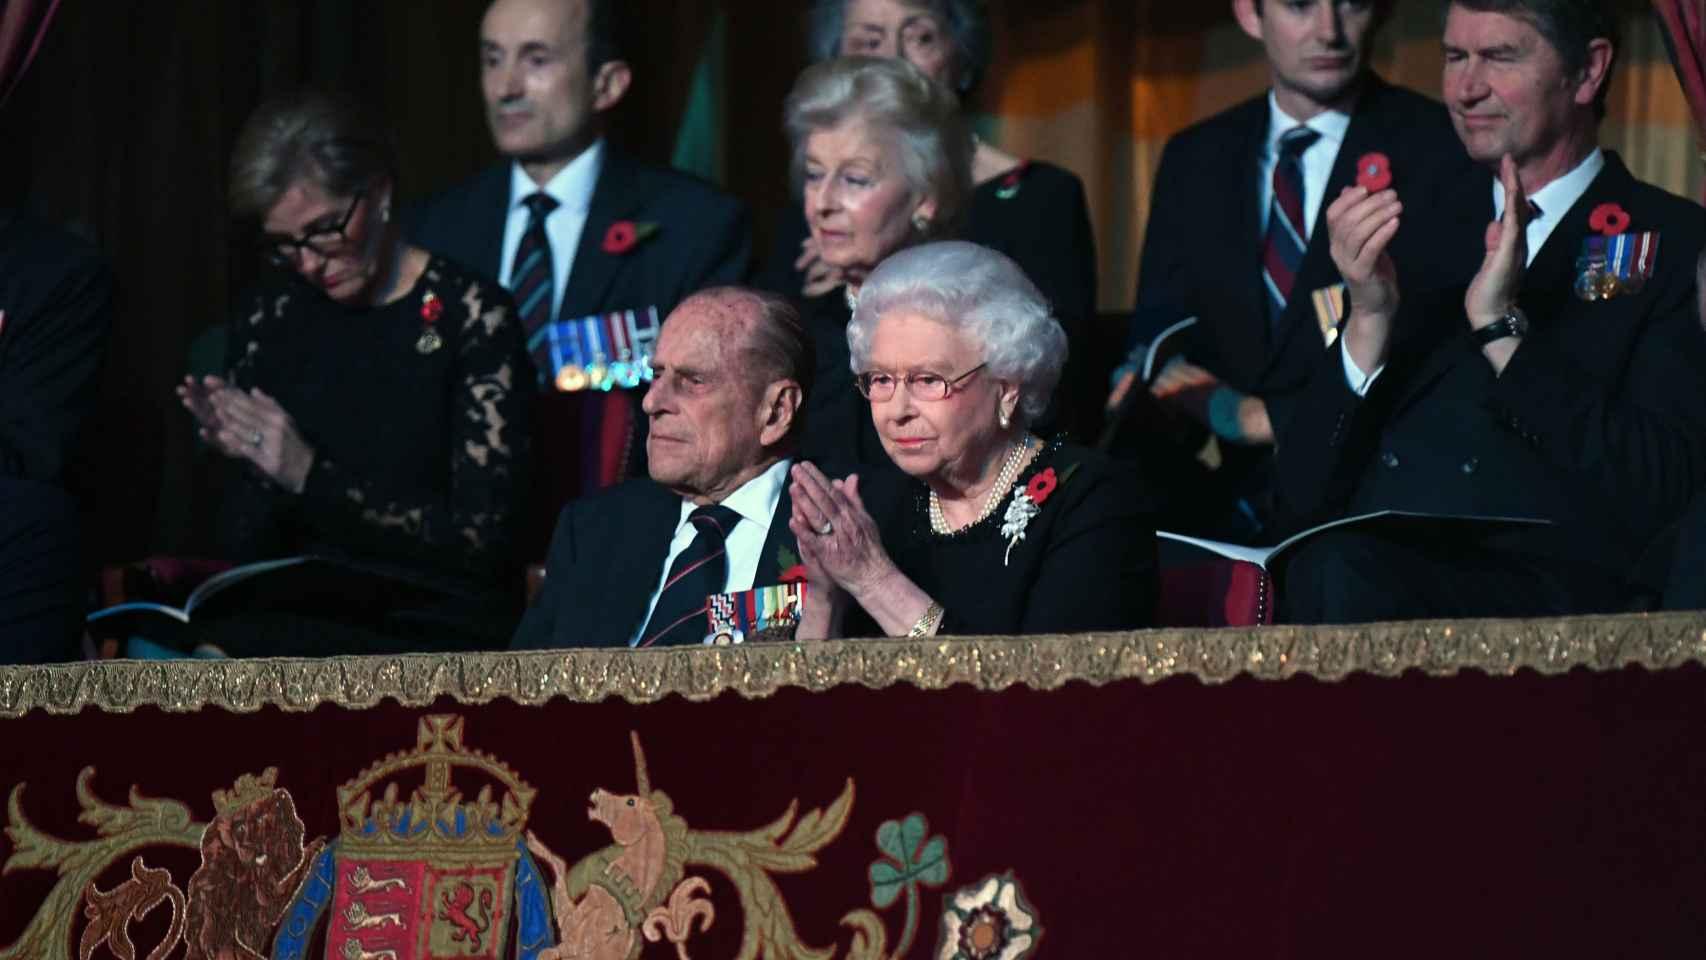 La reina Isabell II y su marido el Duque de Edimburgo en el palco del Royal Albert Hall en noviembre de este año.